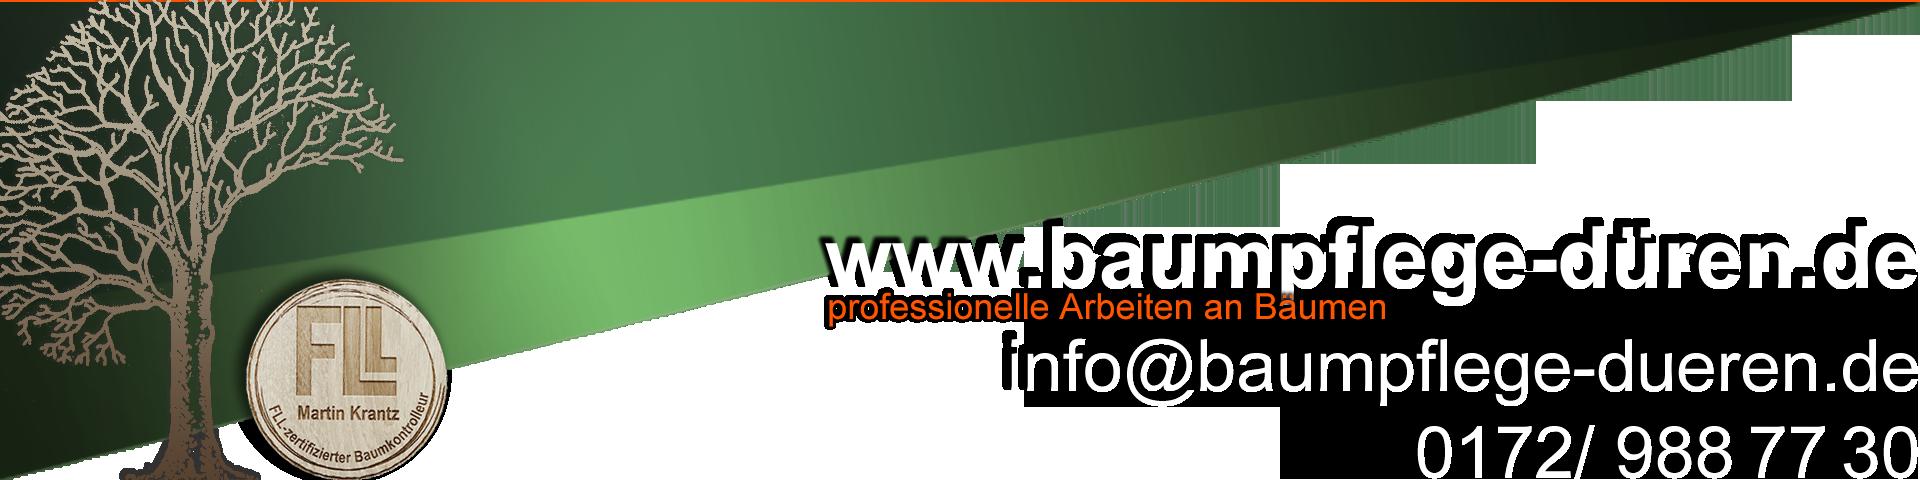 www.baumpflege-düren.de